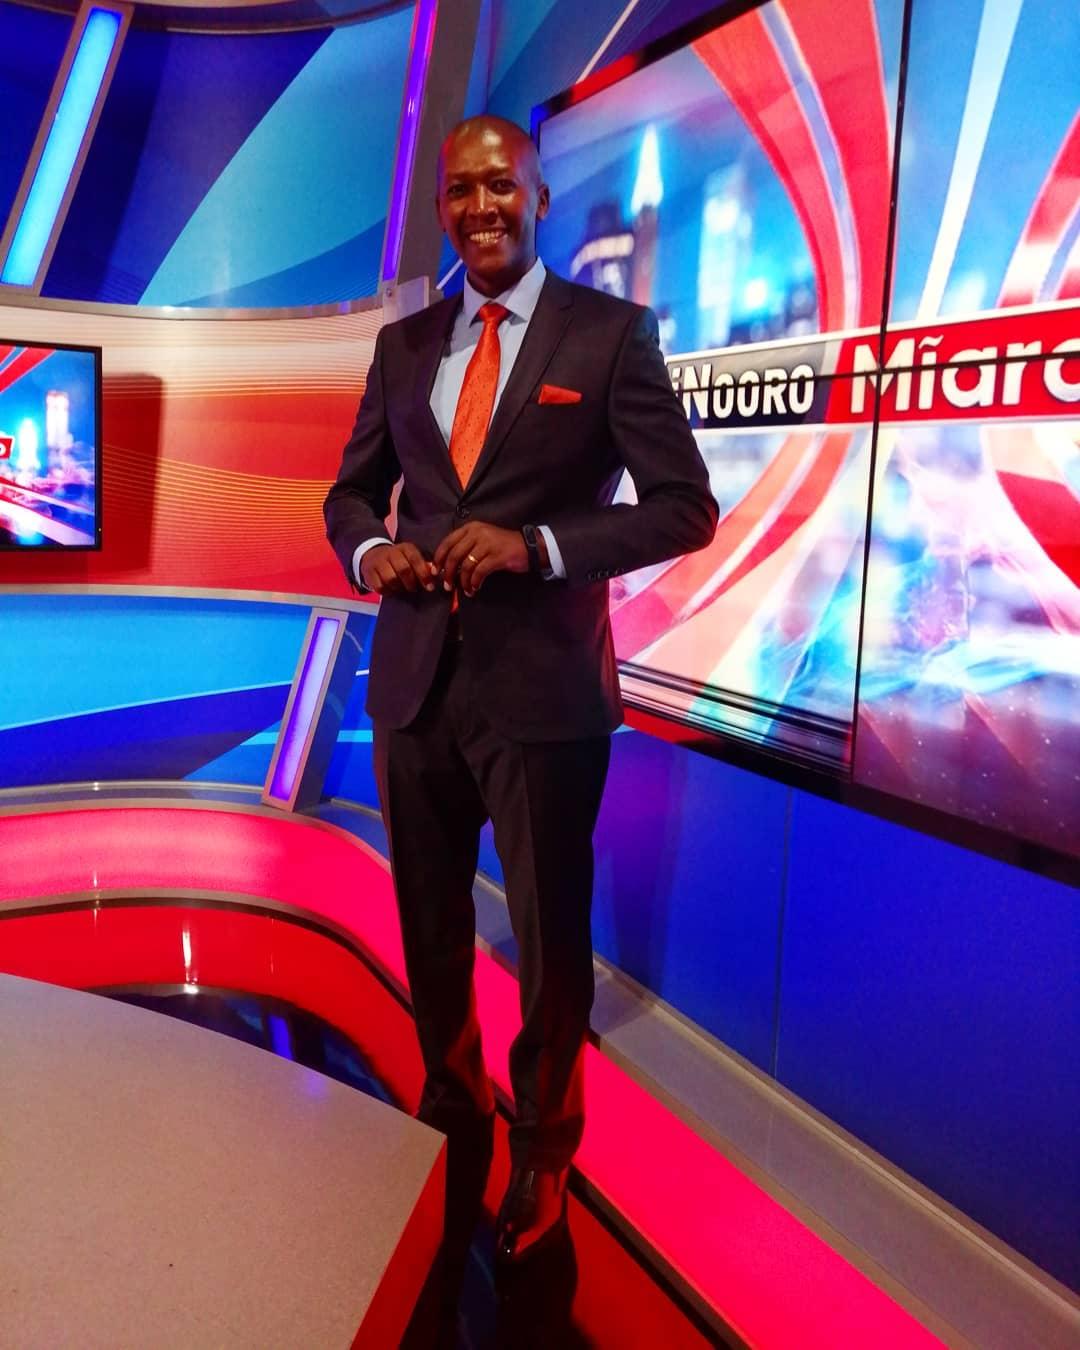 Fired Inooro TV presenter Fredrick Muitiriri lands new Job at Switch TV